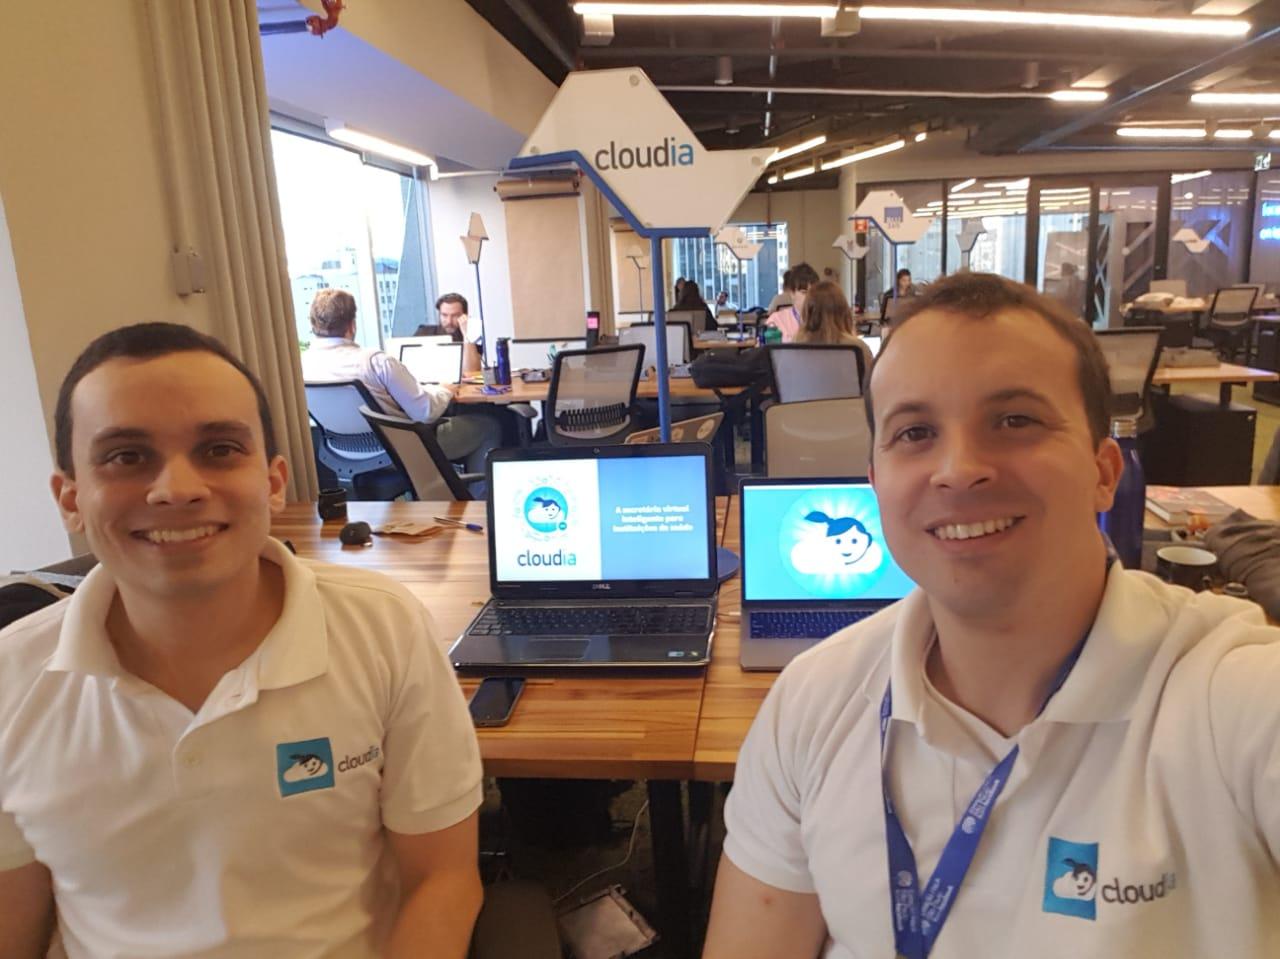 Estação Hack (centro de inovação do Facebook)- Escritório Cloudia